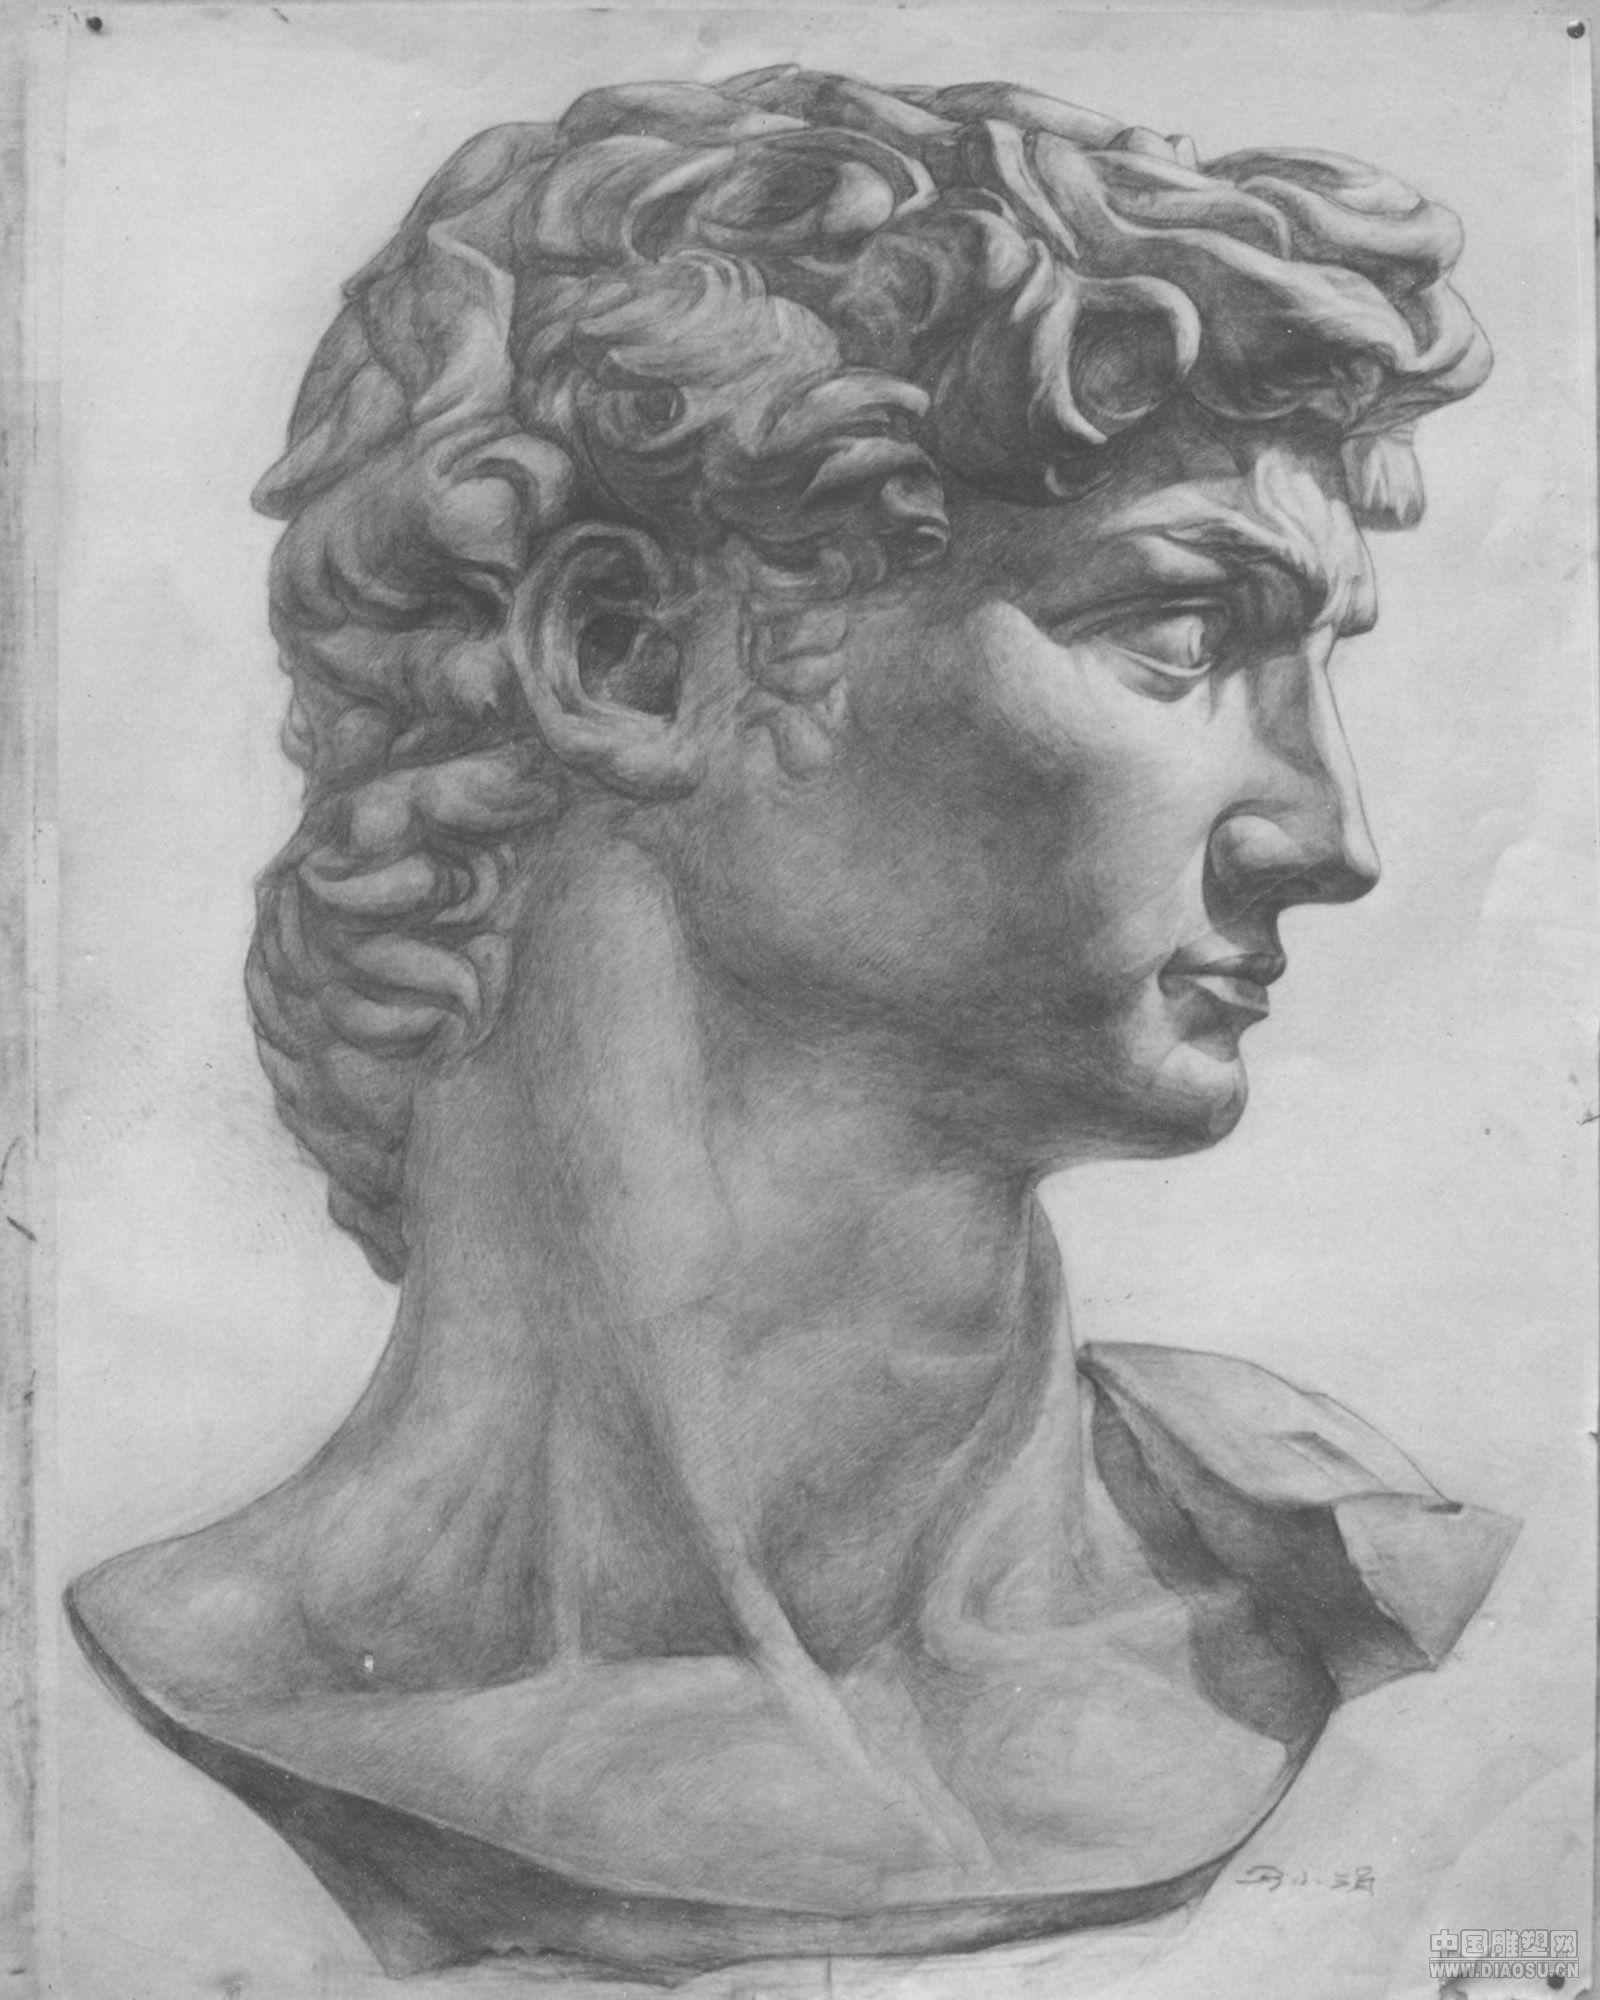 大卫雕像在哪里 女生看大卫雕像 大卫雕像素描